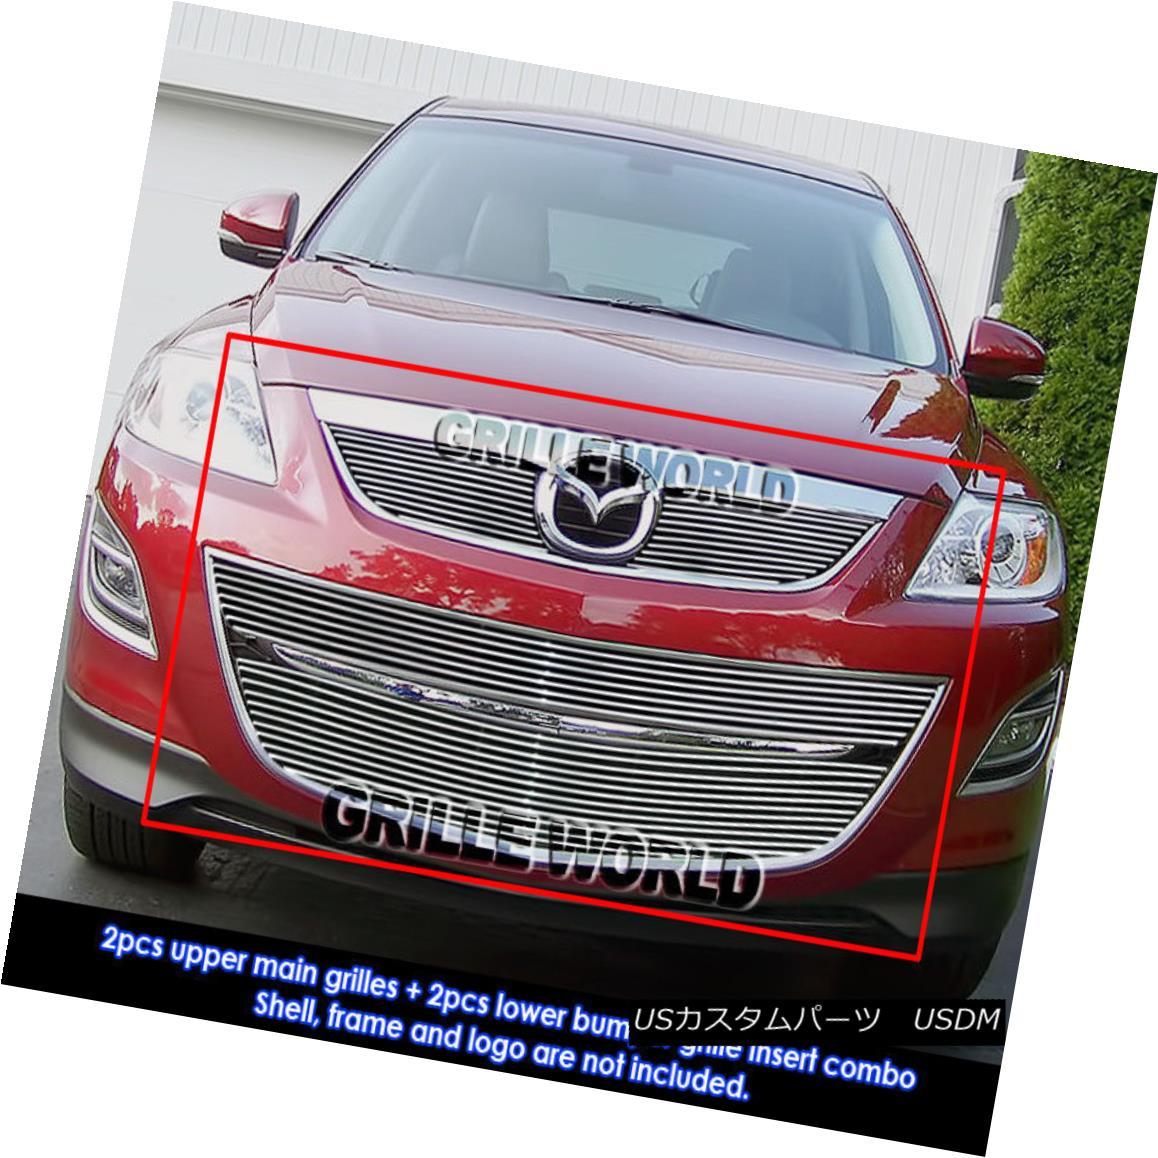 グリル For 2010-2011 Mazda CX-9 Billet Grille Insert Combo 2010-2011マツダCX-9ビレットグリルインサートコンボ用